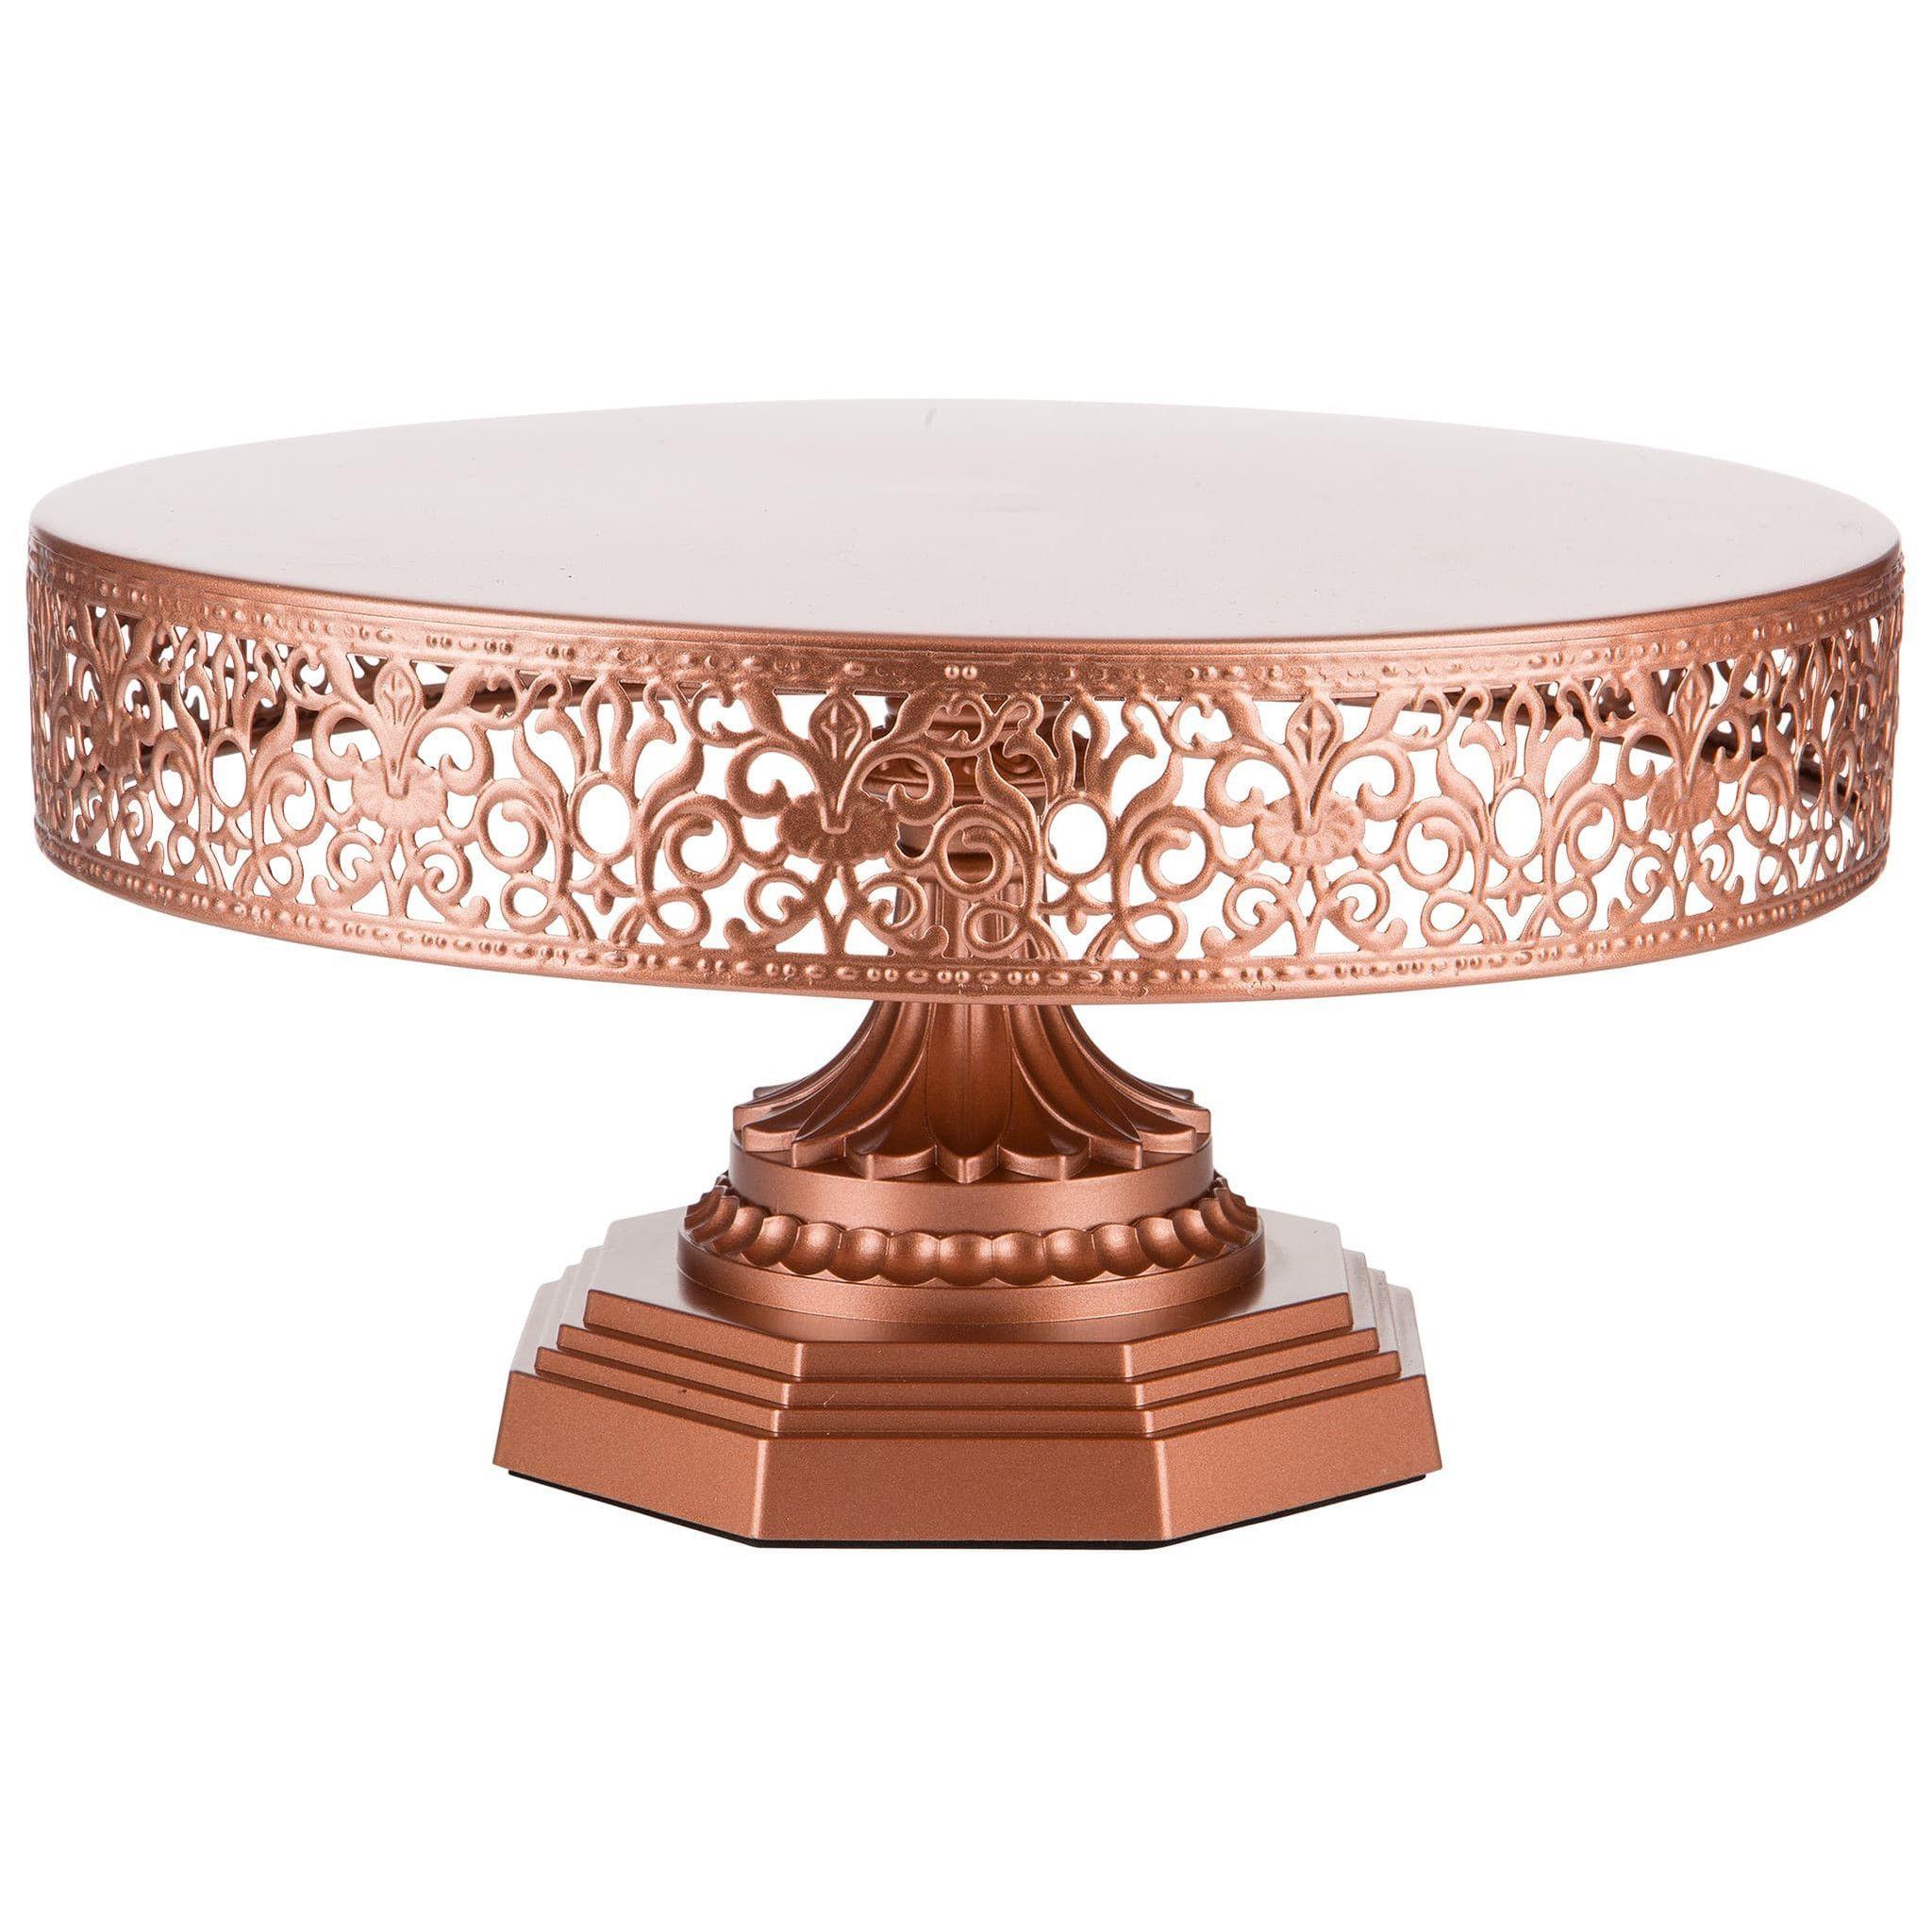 12 inch round metal wedding cake stand rose gold rose